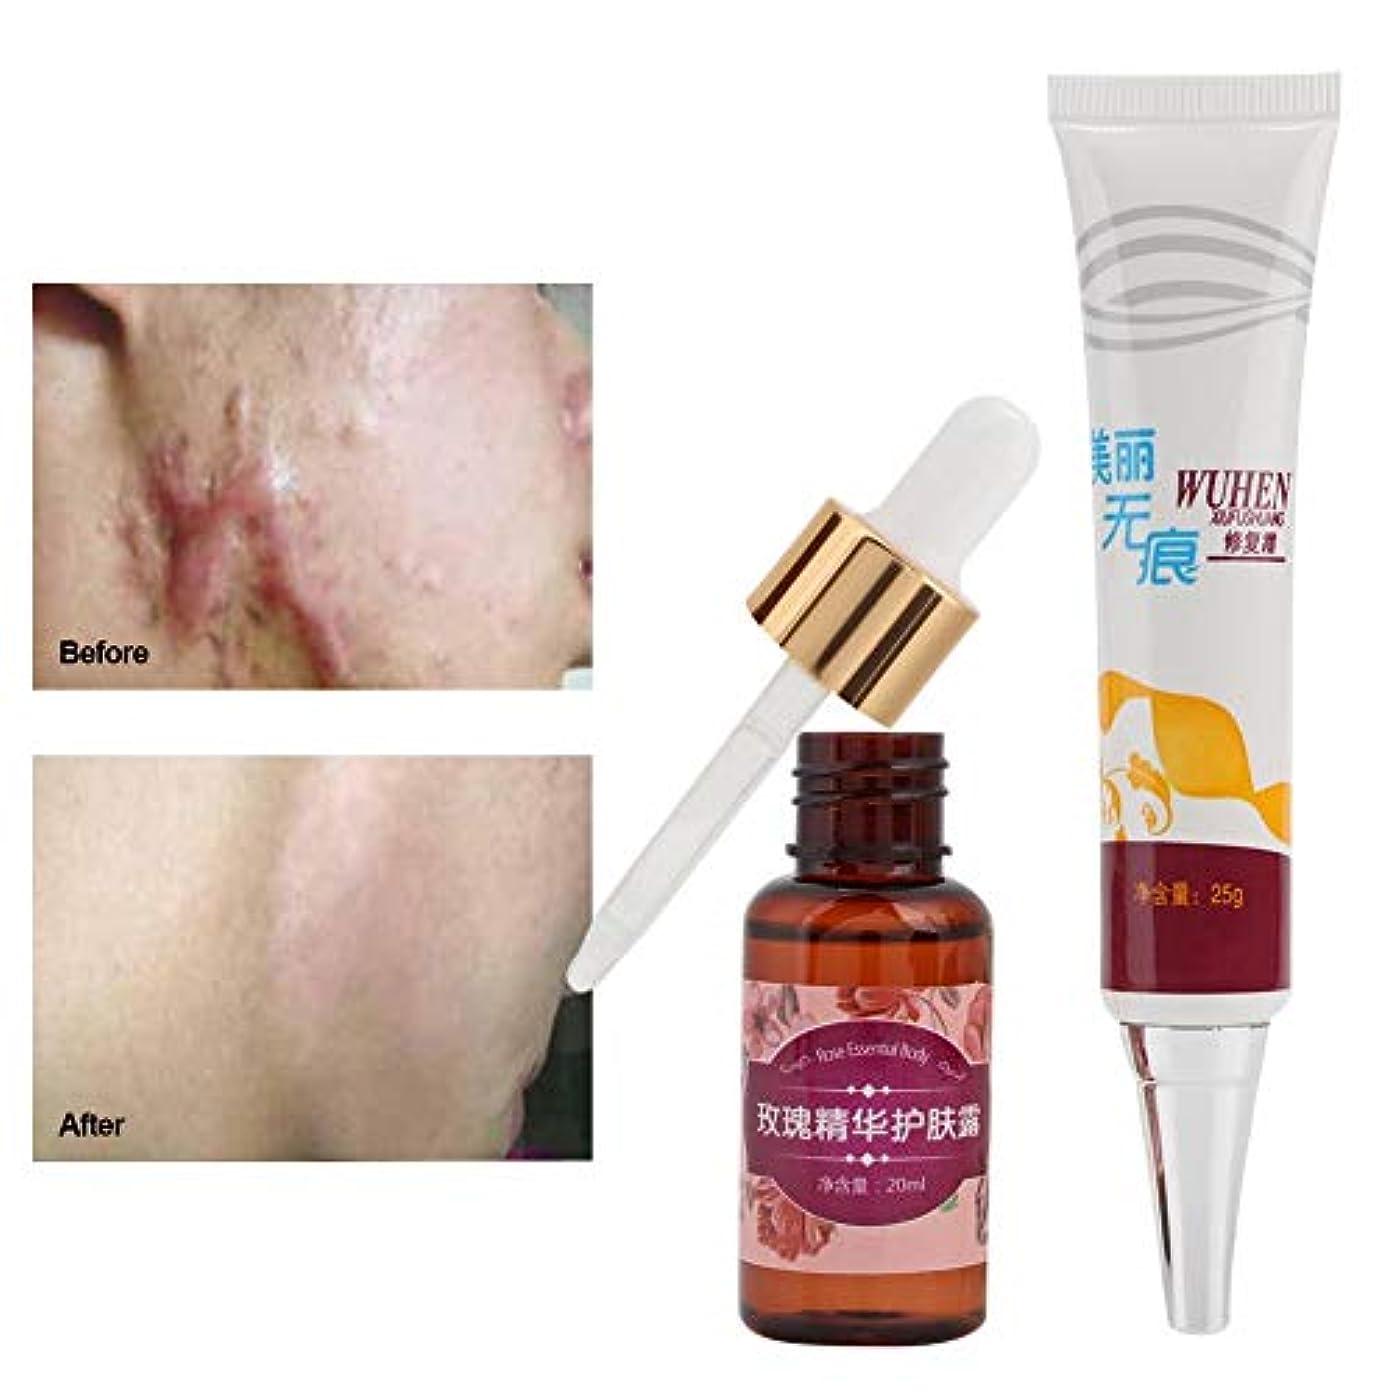 ポータブル磁気招待傷跡の除去、傷跡の傷跡の除去クリームと顔と体のための超輝く汚れのない油の傷跡除去